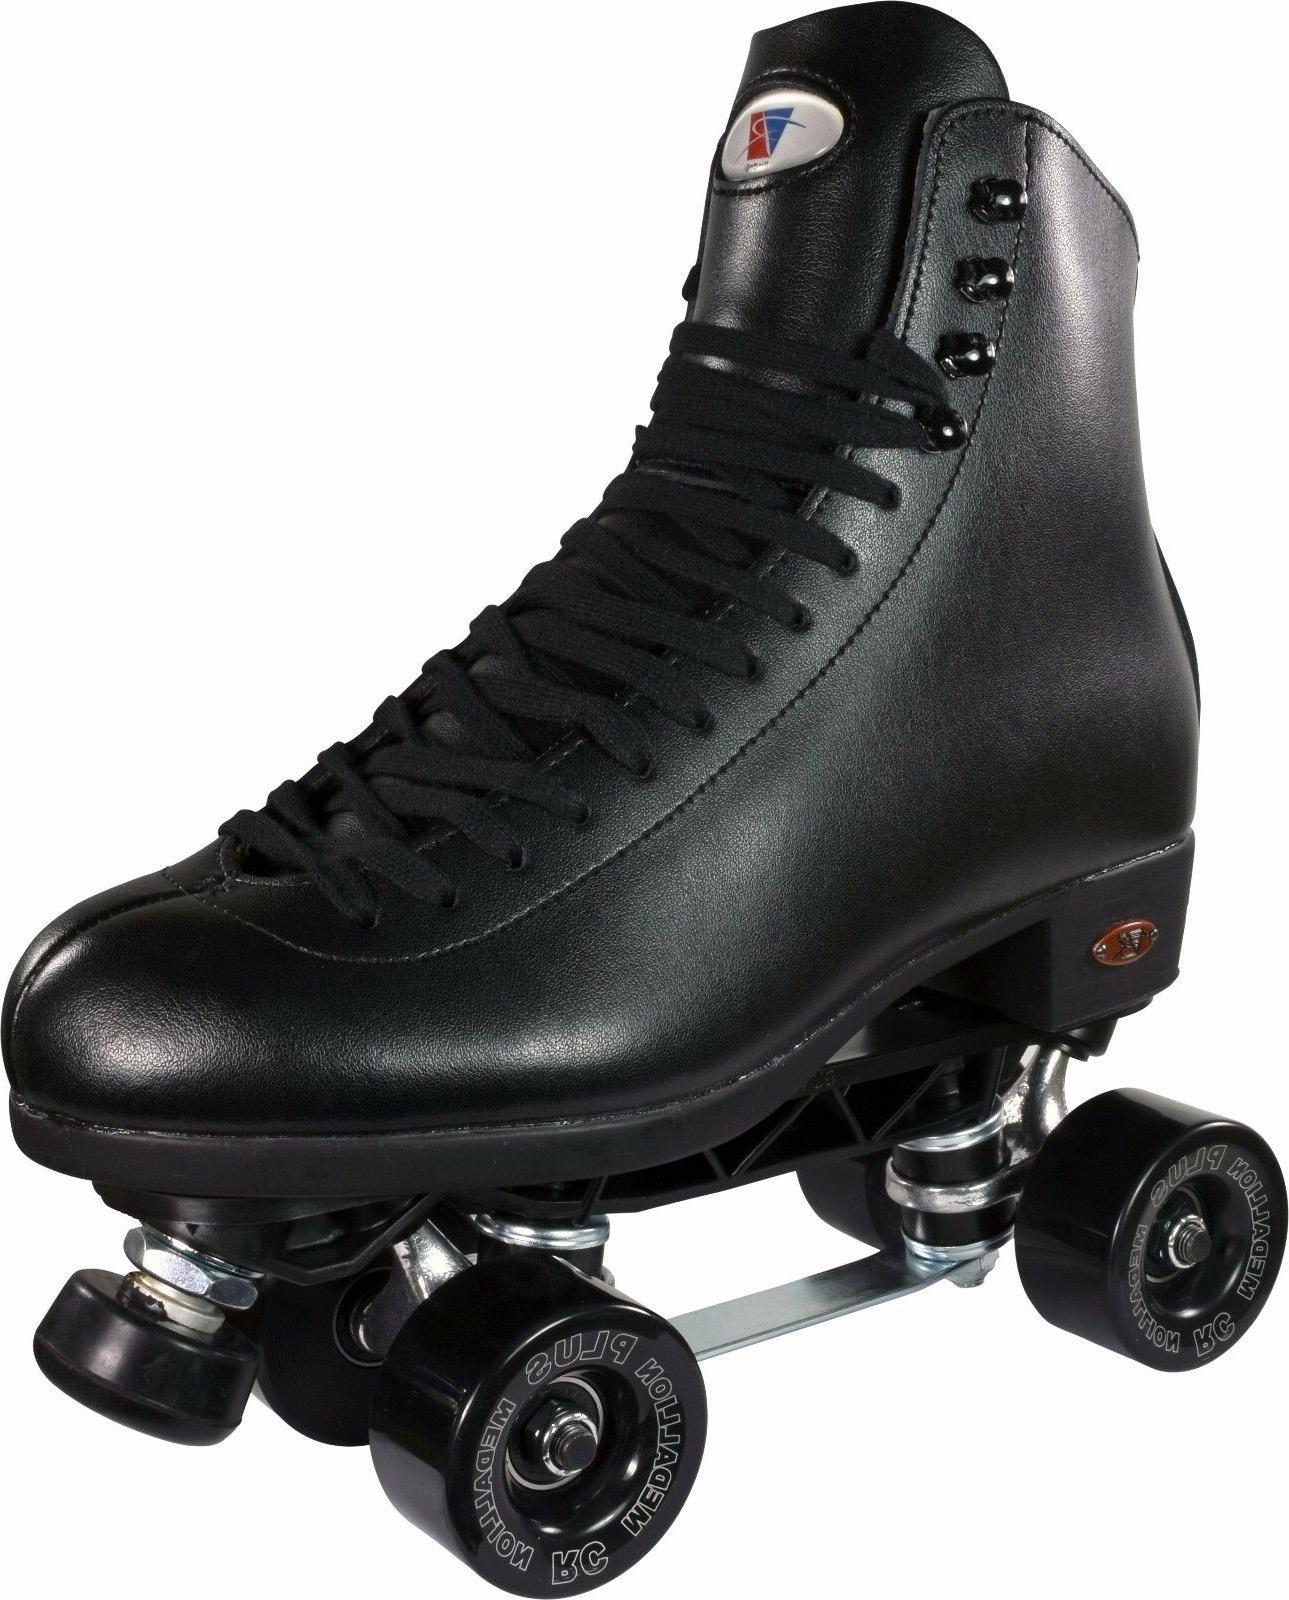 120 medallion roller skates men size 4